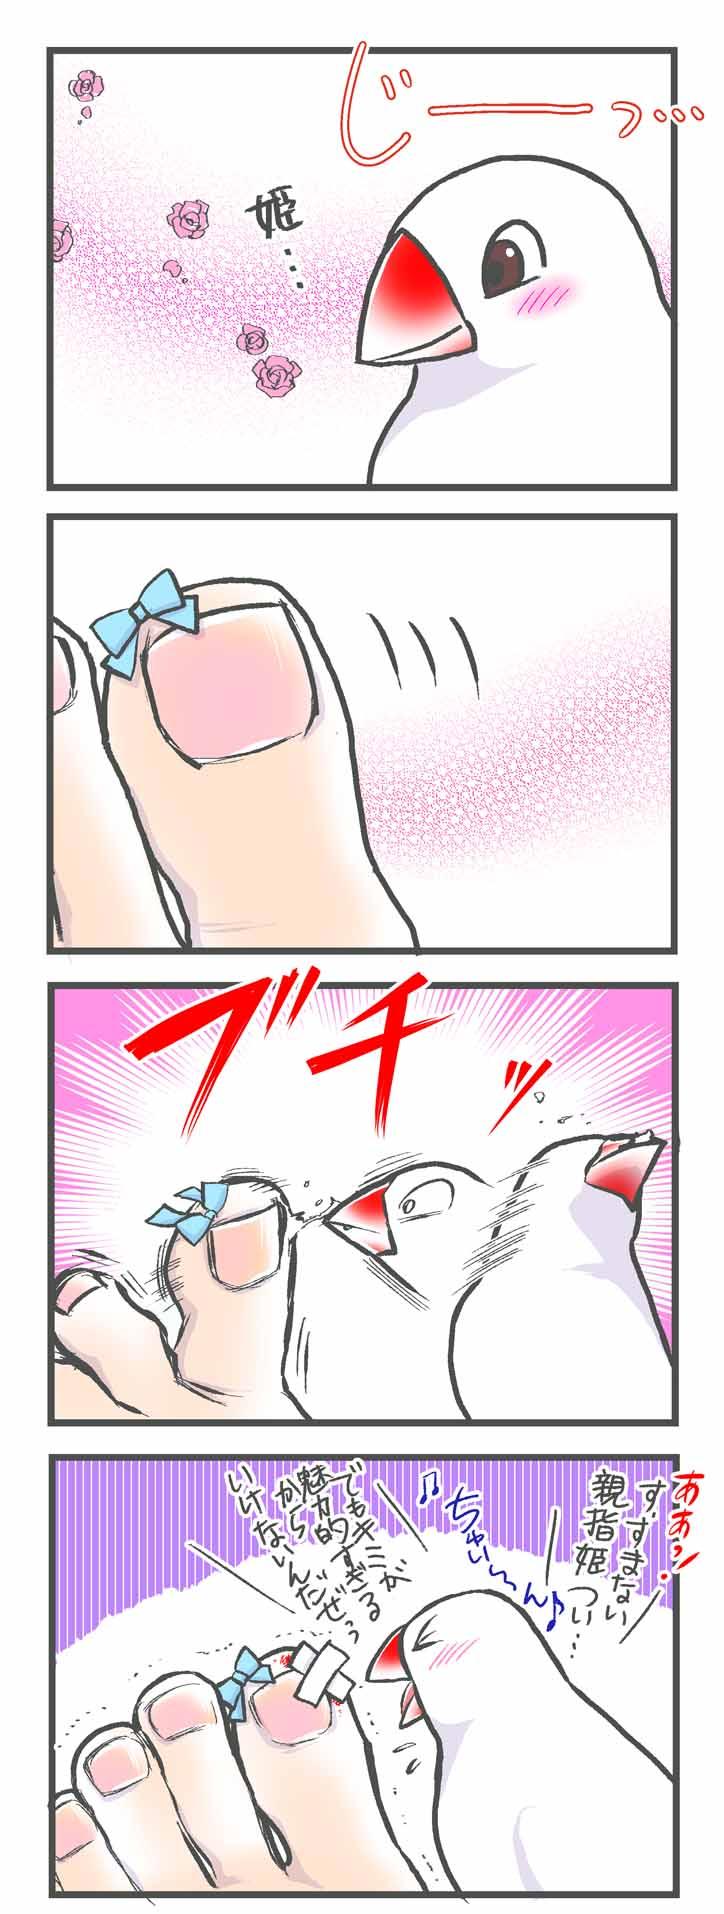 飼い主の親指に恋する文鳥